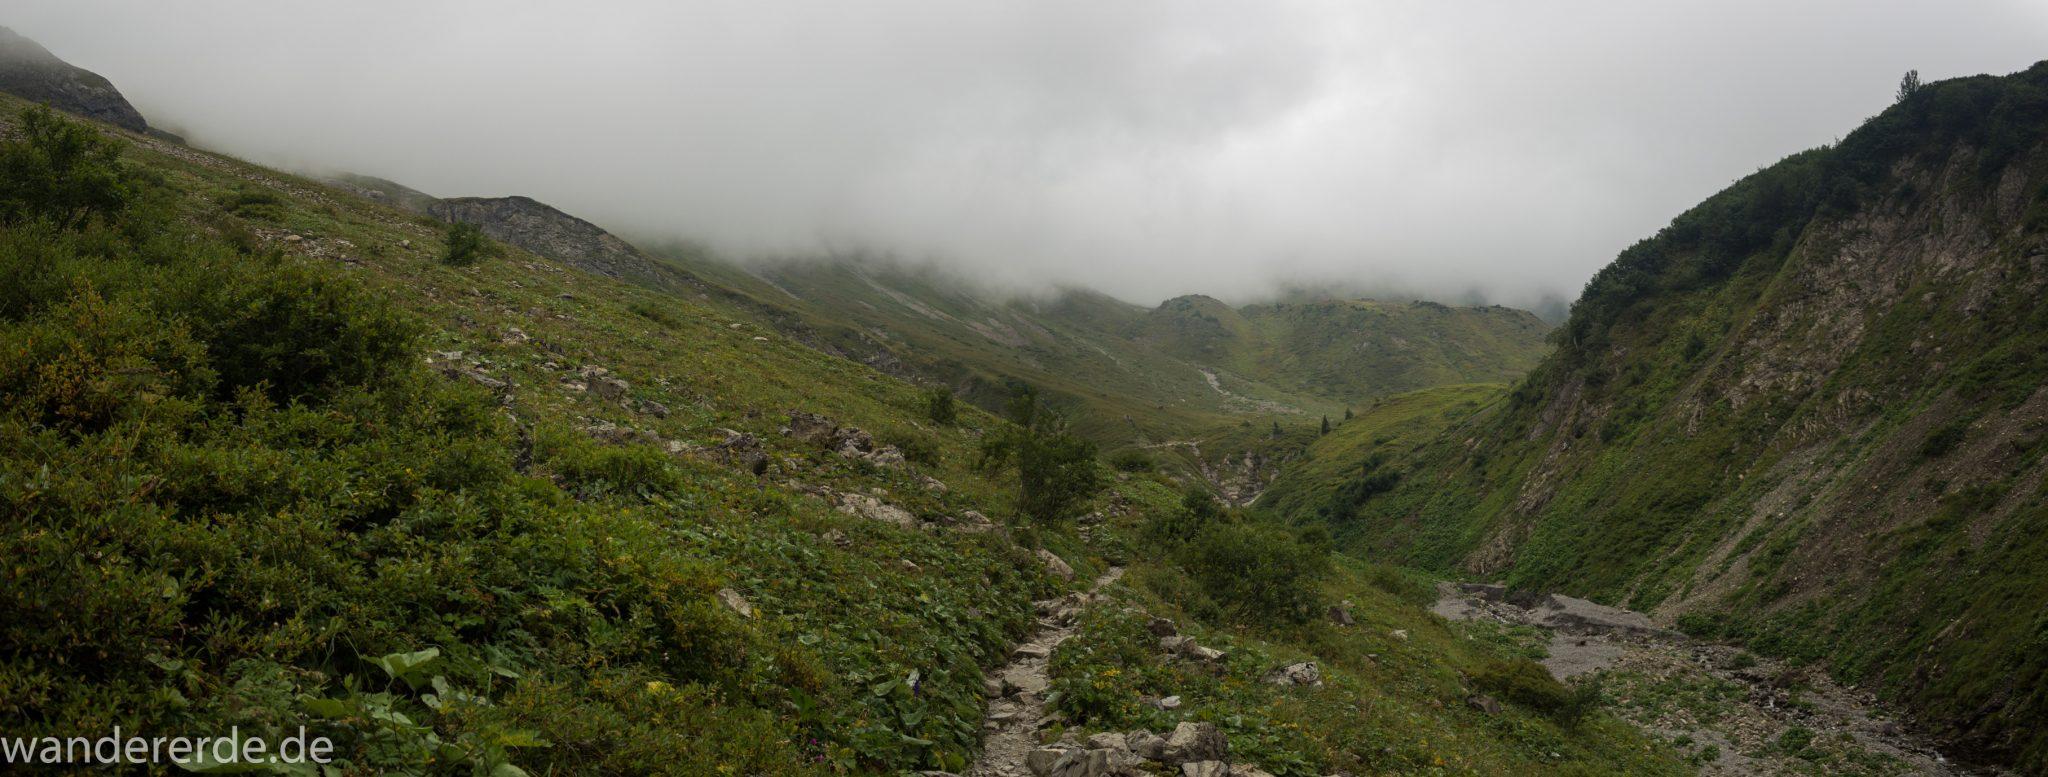 Alpenüberquerung Fernwanderweg E5 Oberstdorf Meran, 1. Etappe von Oberstdorf zur Kemptner Hütte, Wanderweg führt von der Spielmannsau bei Oberstdorf im Allgäu zur Kemptner Hütte entlang eines schmalen Wanderpfads über Stock und Stein, Weg durch Sperrbachtobel in den Bergen, Wegverlauf zunehmend ansteigend, teilweise steil